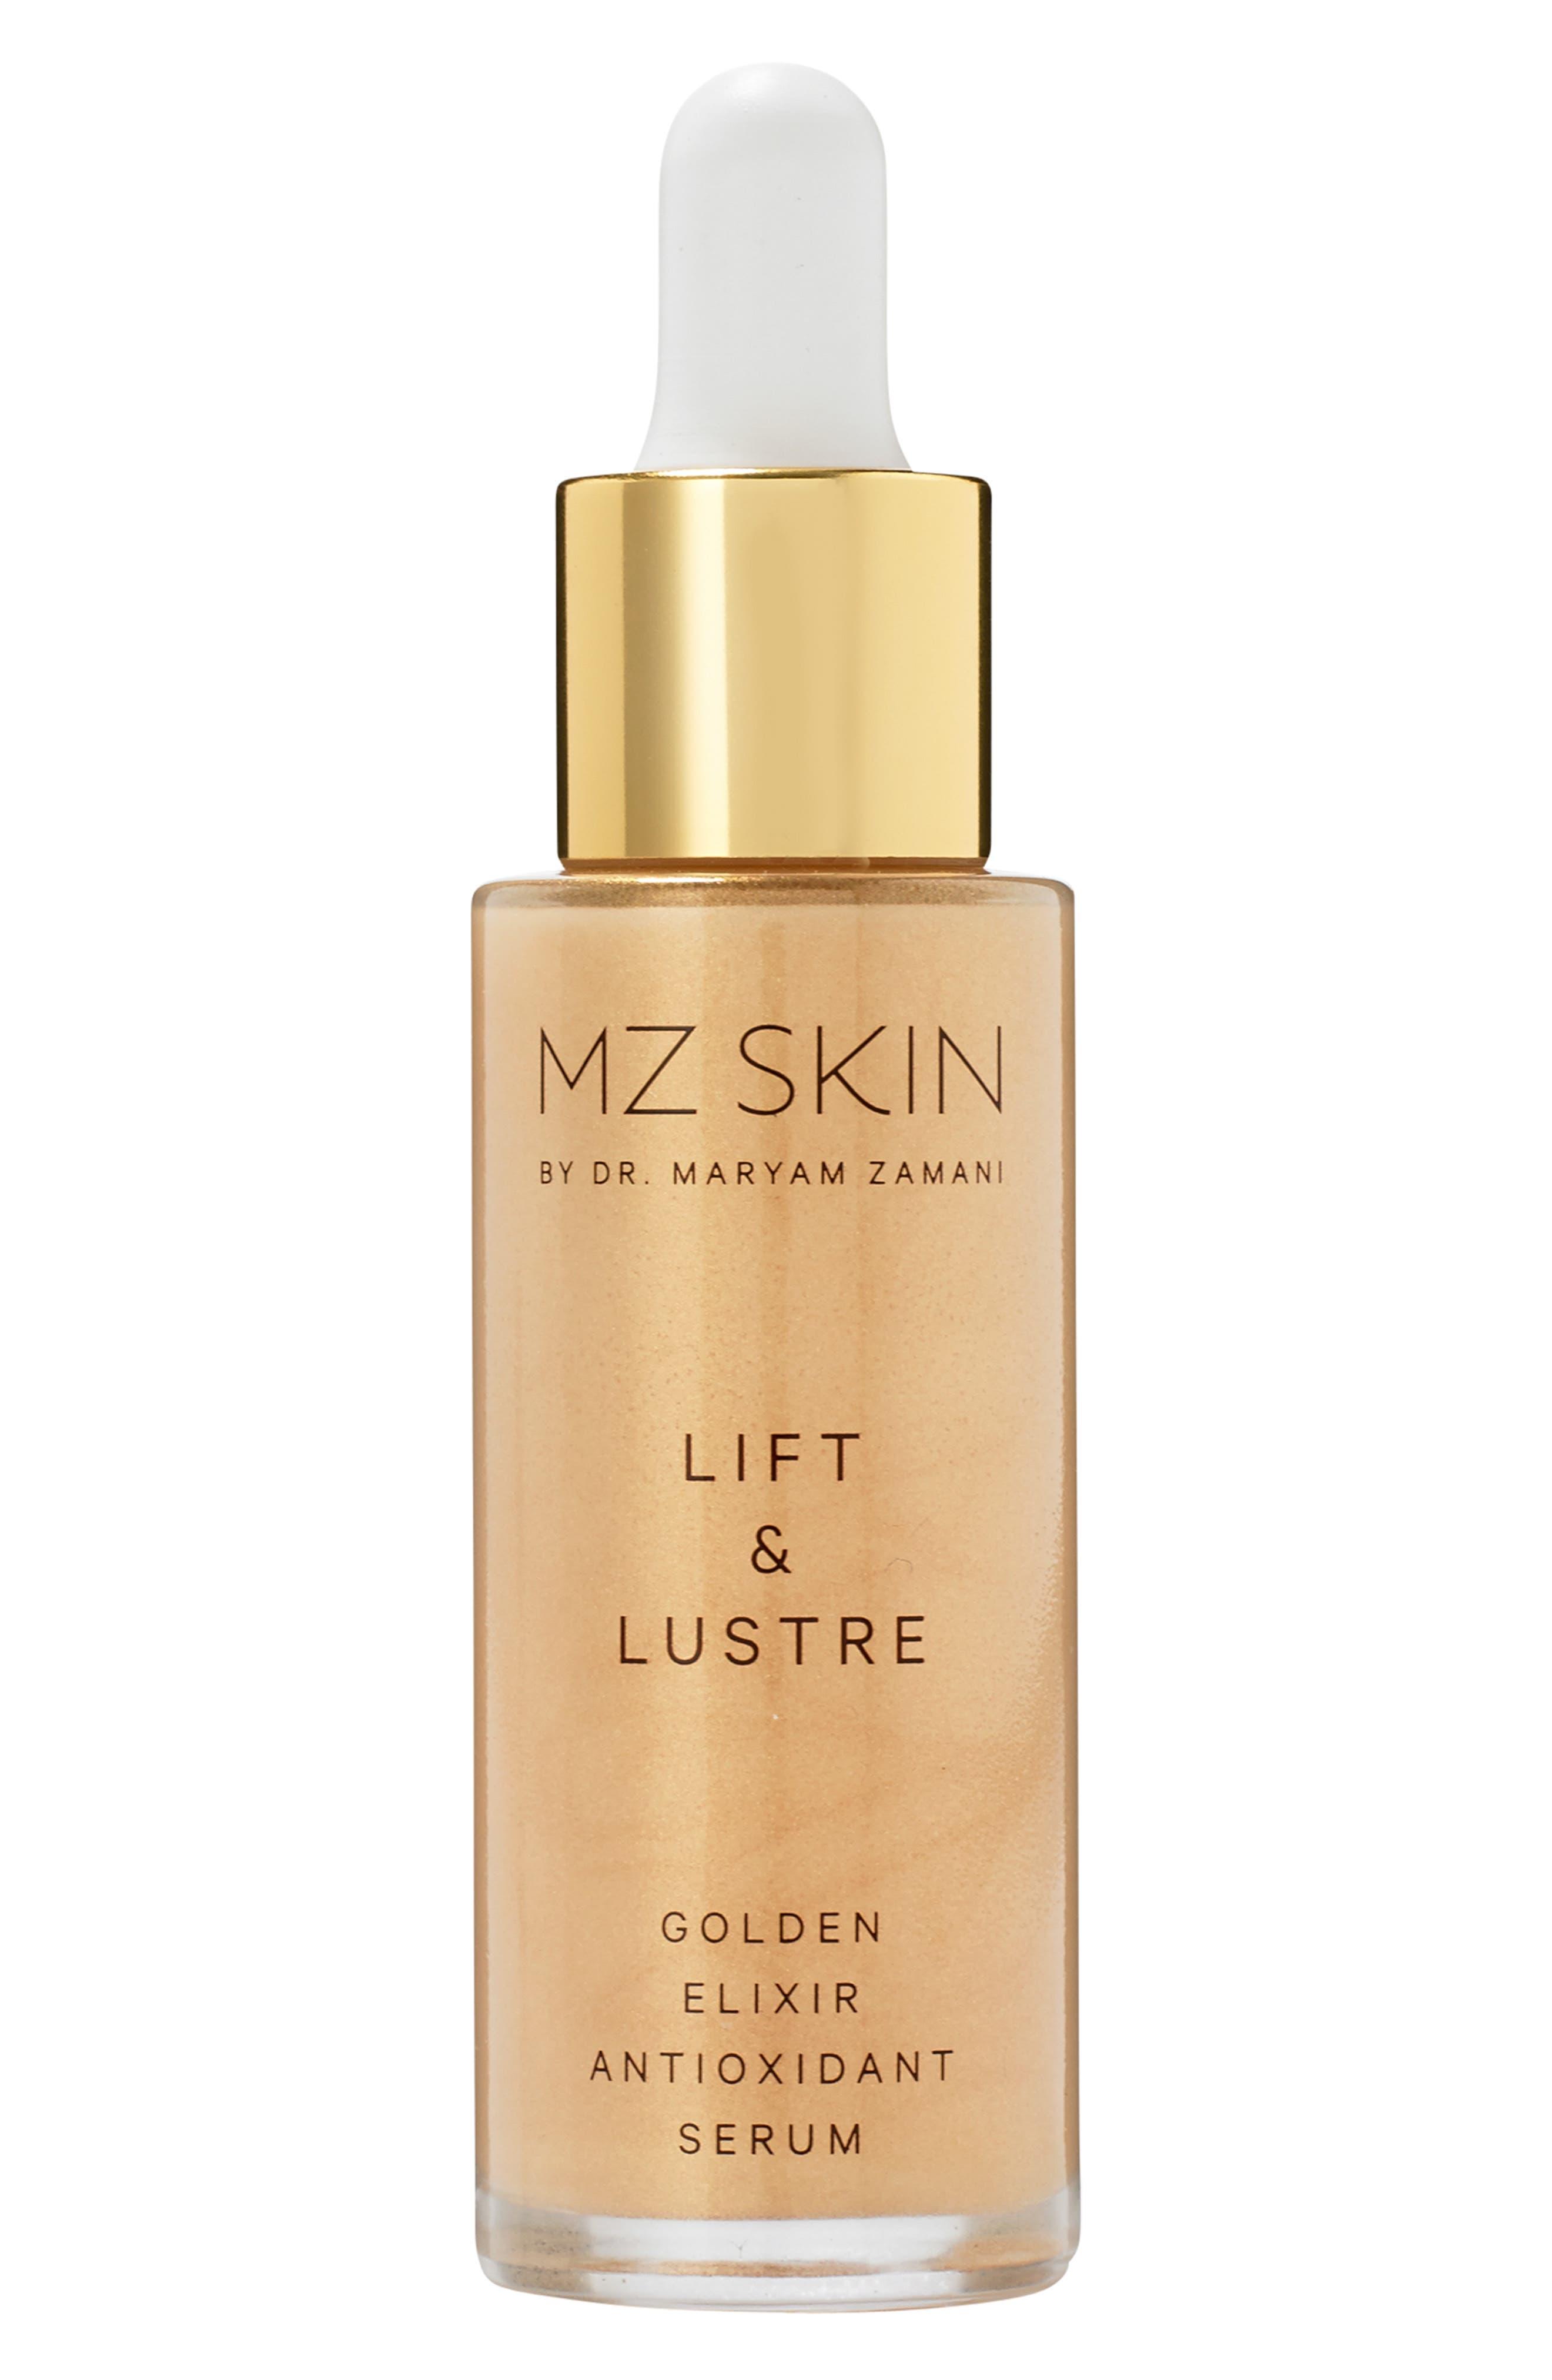 Lift & Lustre Golden Elixir Antioxidant Serum